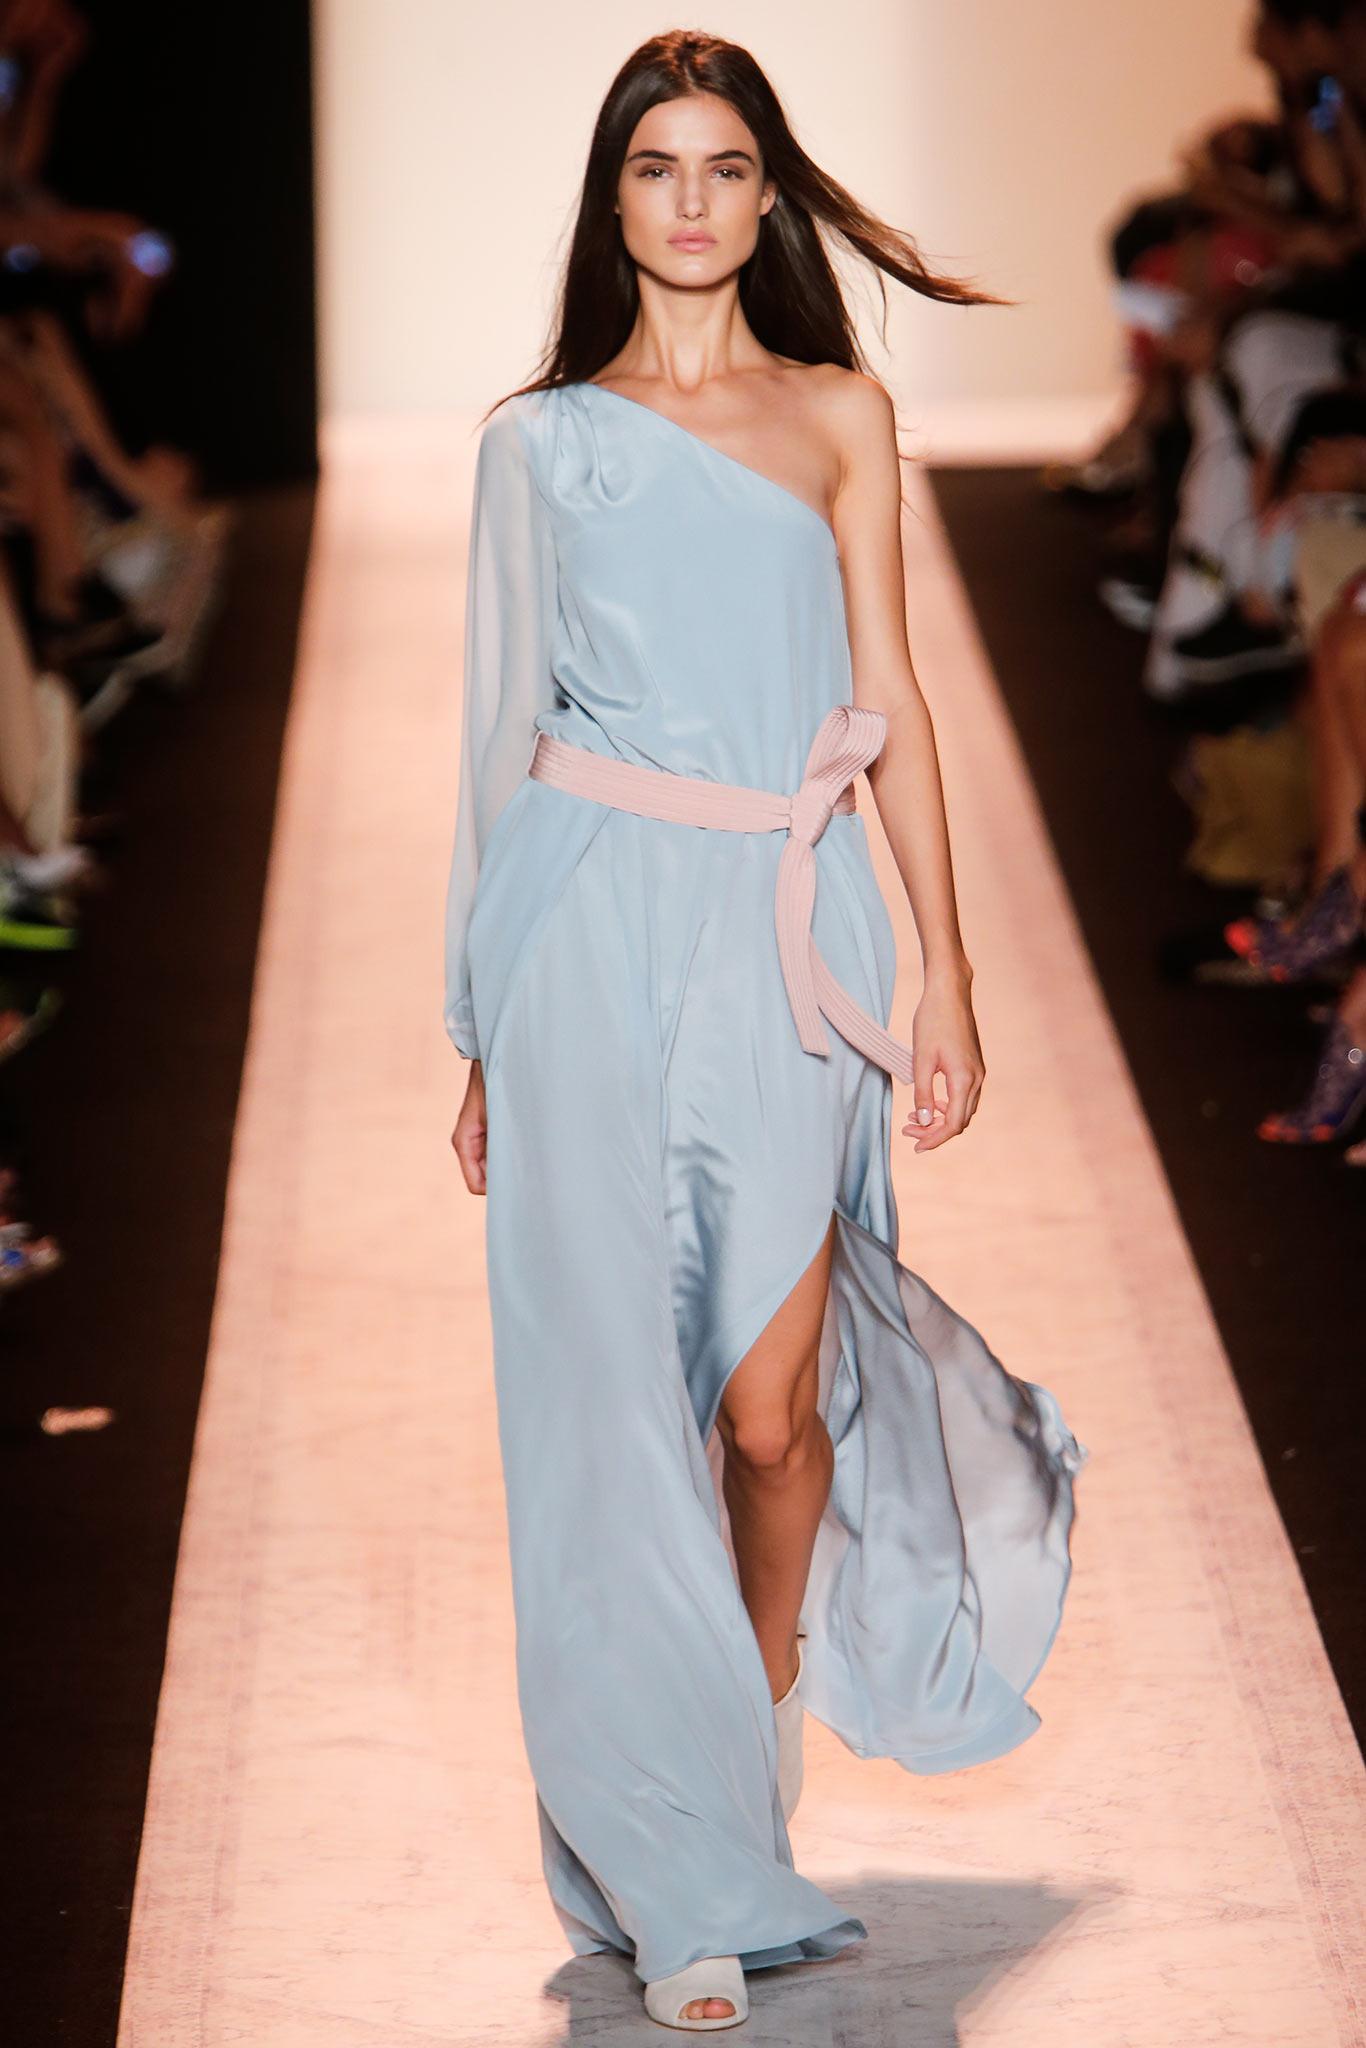 coupe asymétrique mode vêtement linge Fashion show